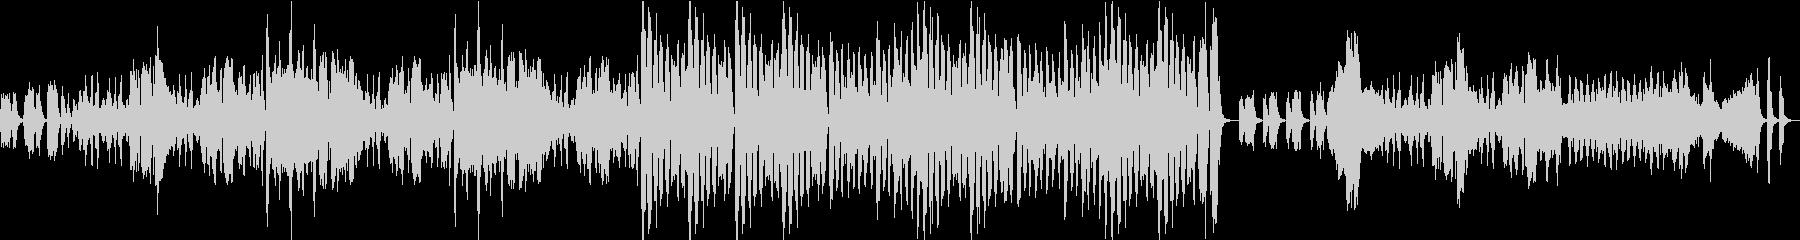 シャルル・グノーの曲のクラシックアレンジの未再生の波形